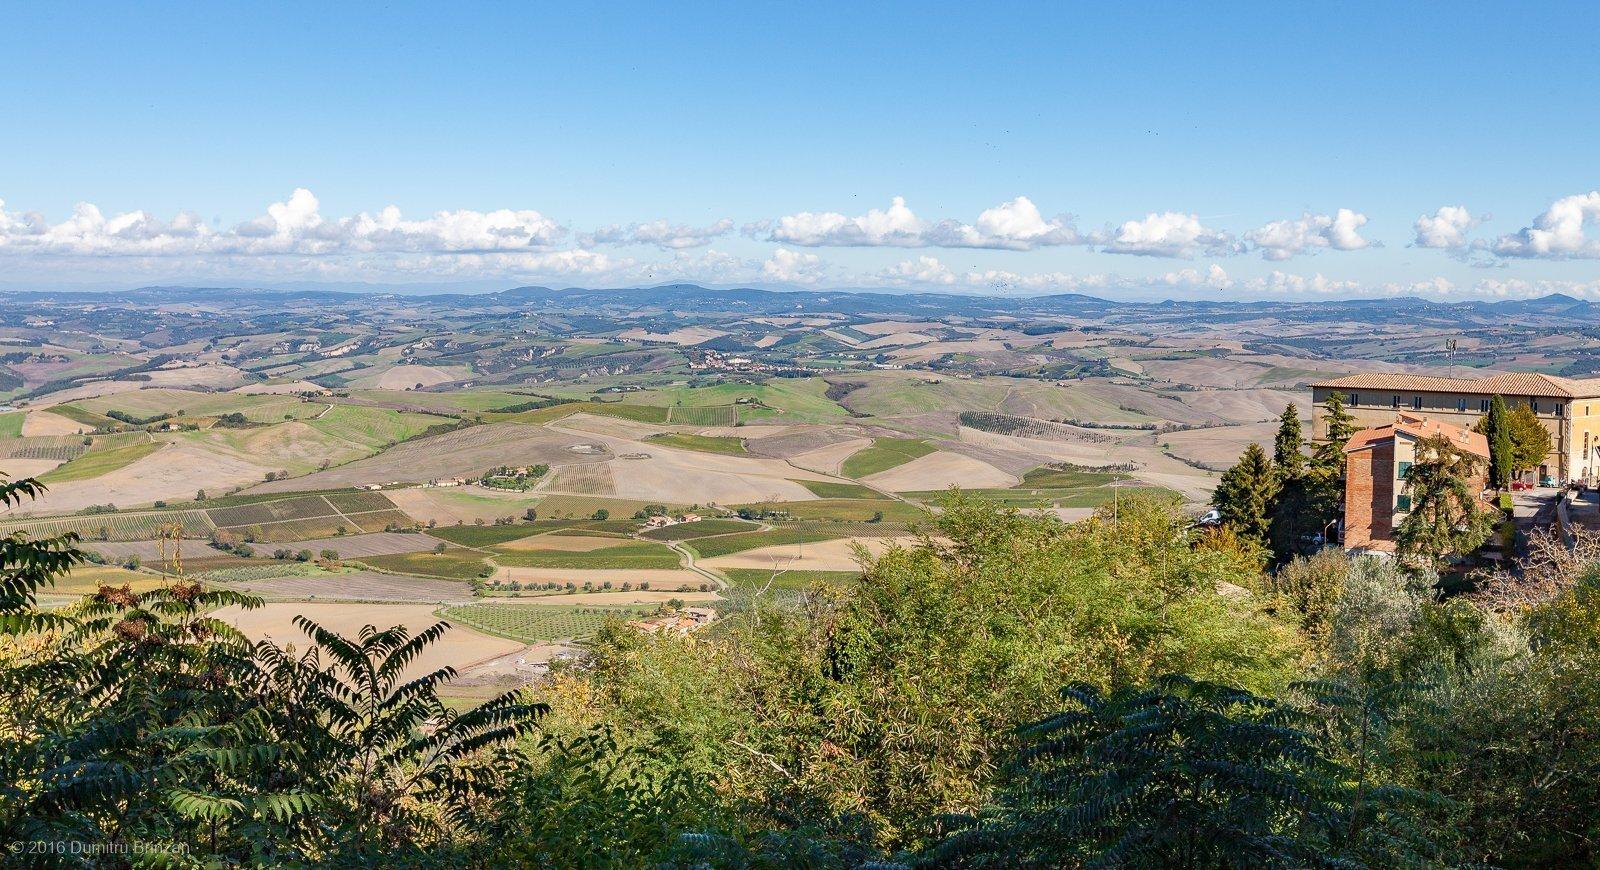 2016-montalcino-tuscany-italy-6